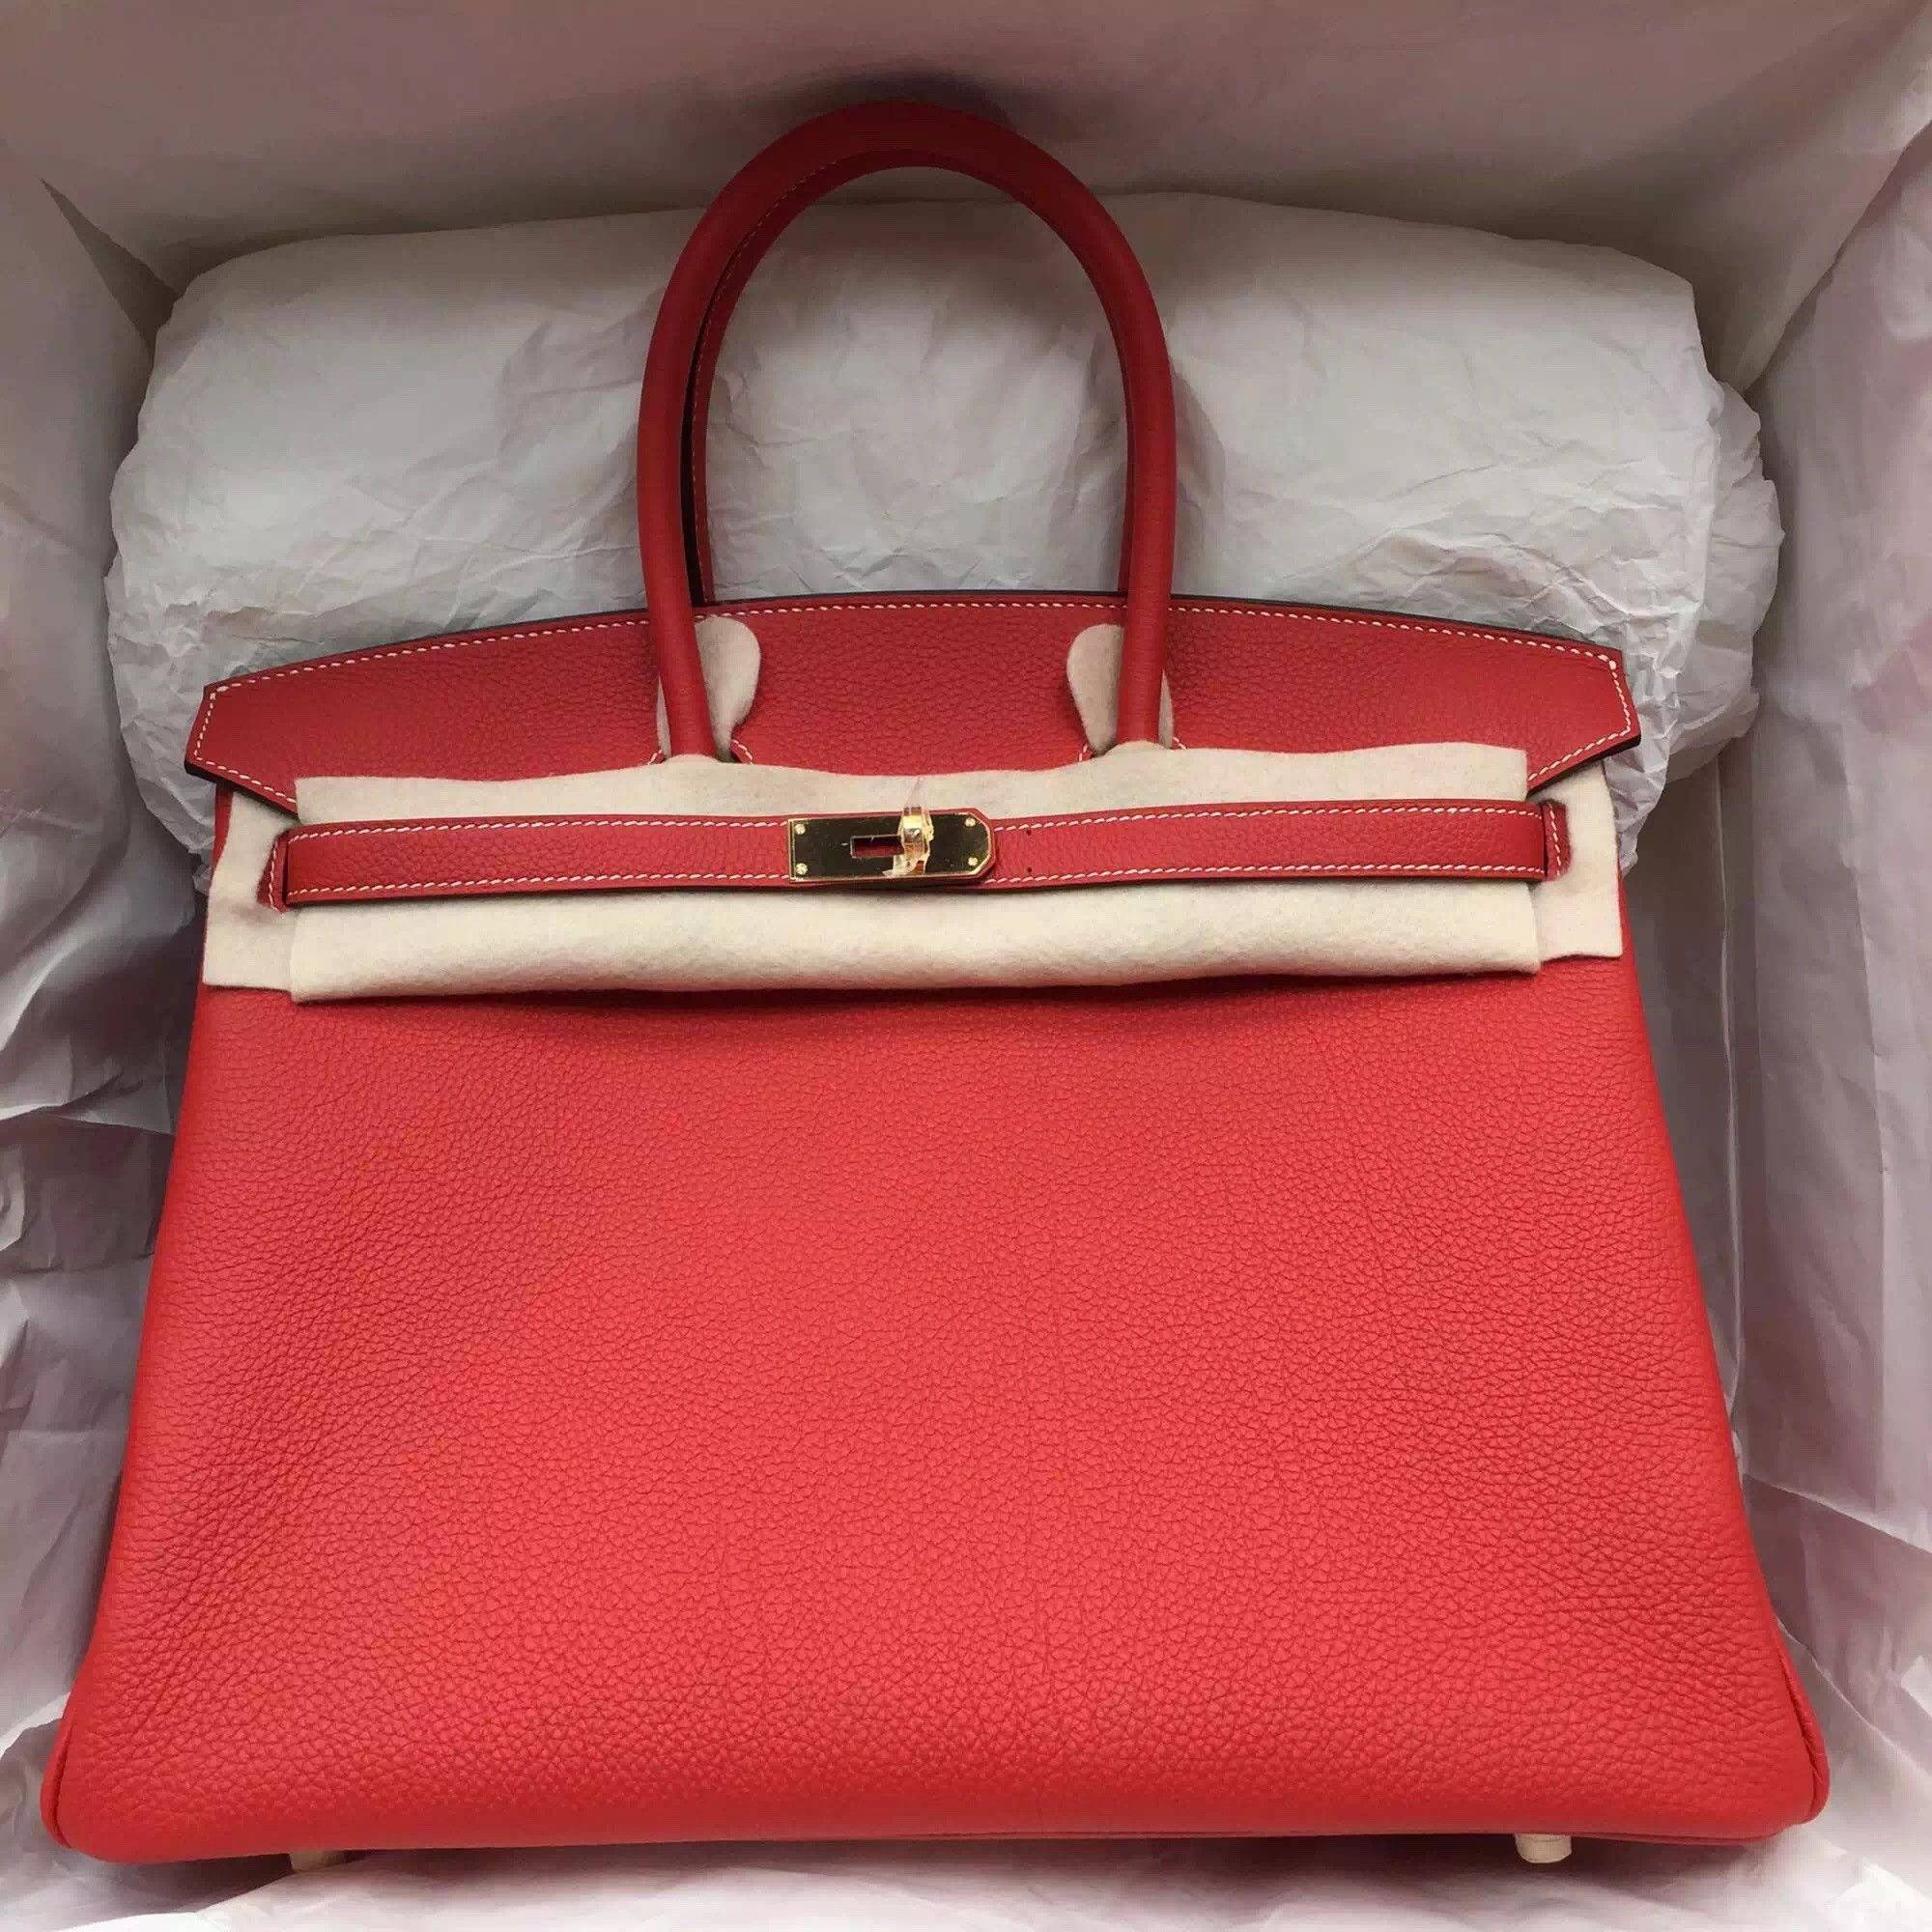 Fashion 35CM Hermes Birkin Bag D5 Geranium Color Togo Leather with White  Thread d0161815d97cc